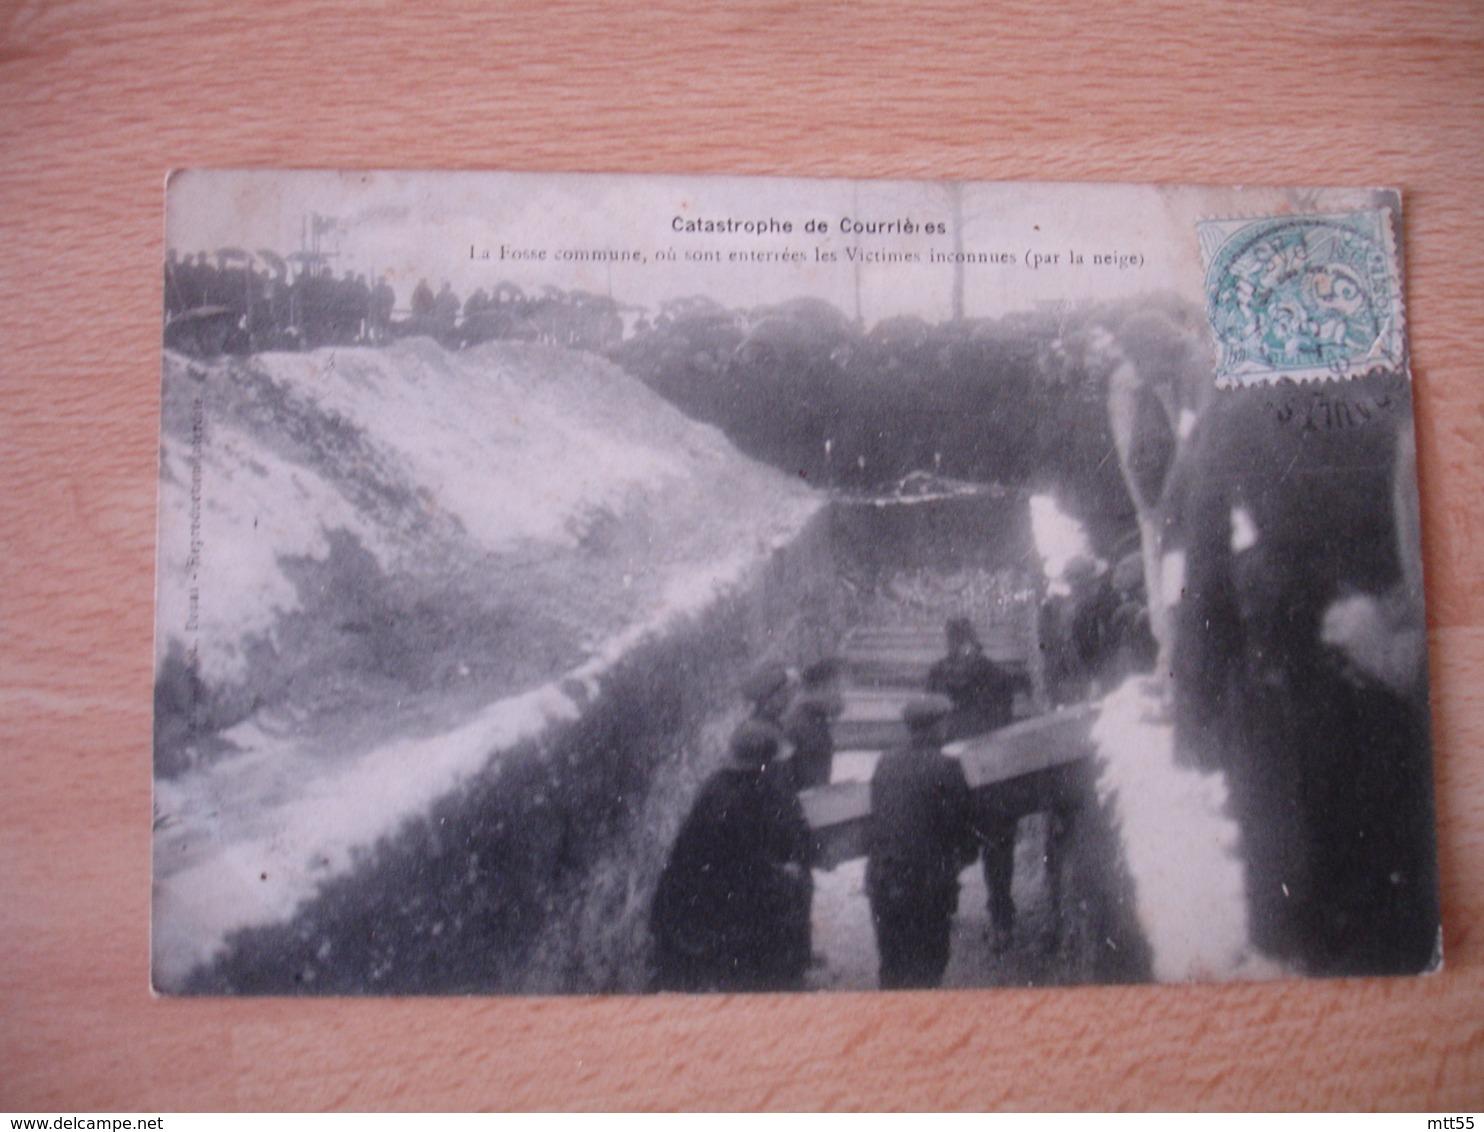 Mines Catastrophe De Courrieres  Fosse Commune  Cercueil - France